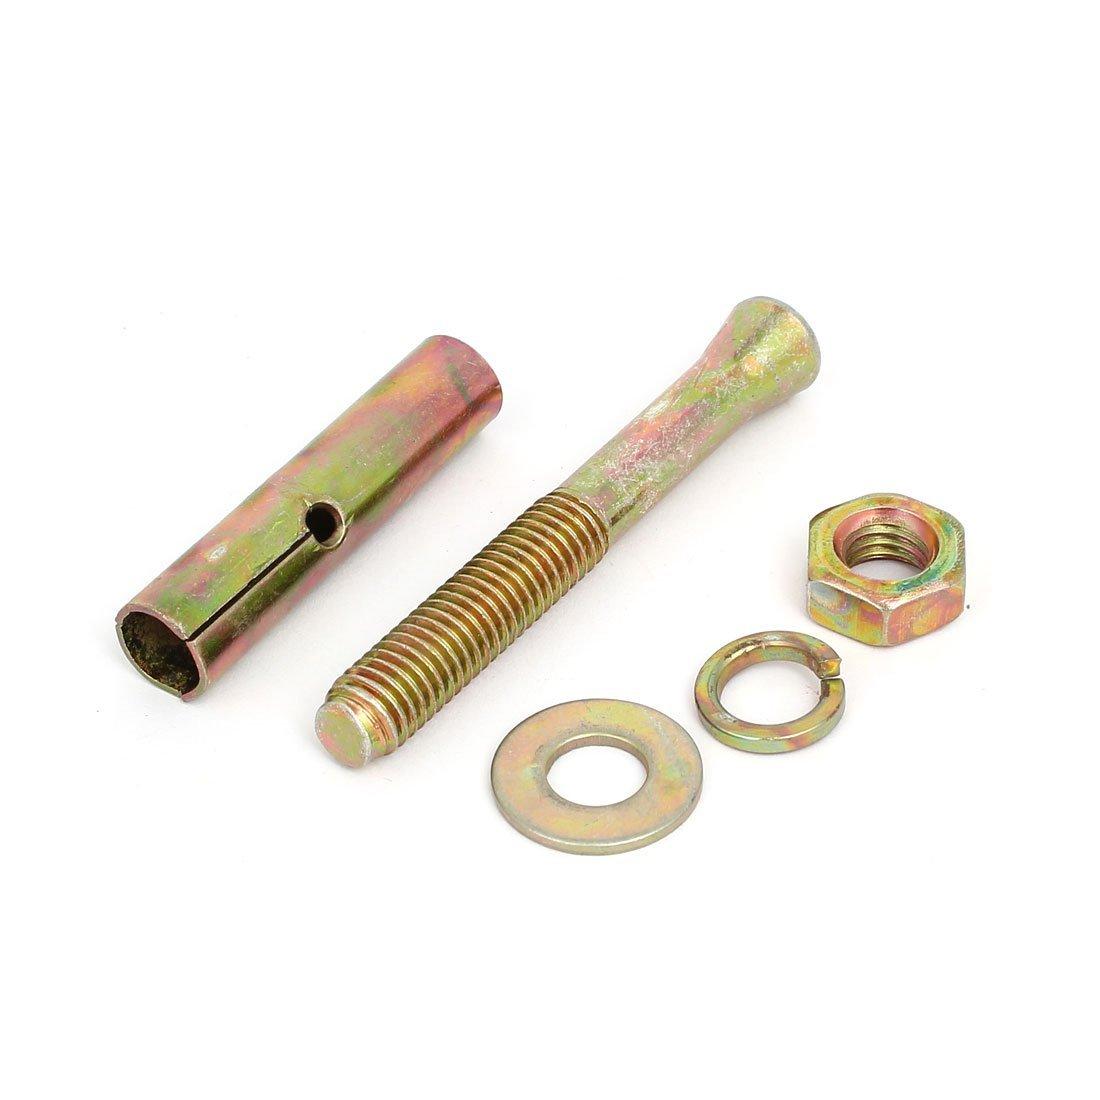 DealMux M10 Dia Tópico Hex Nut Sleeve âncoras de expansão Parafuso Fastener Bronze 20pcs tom